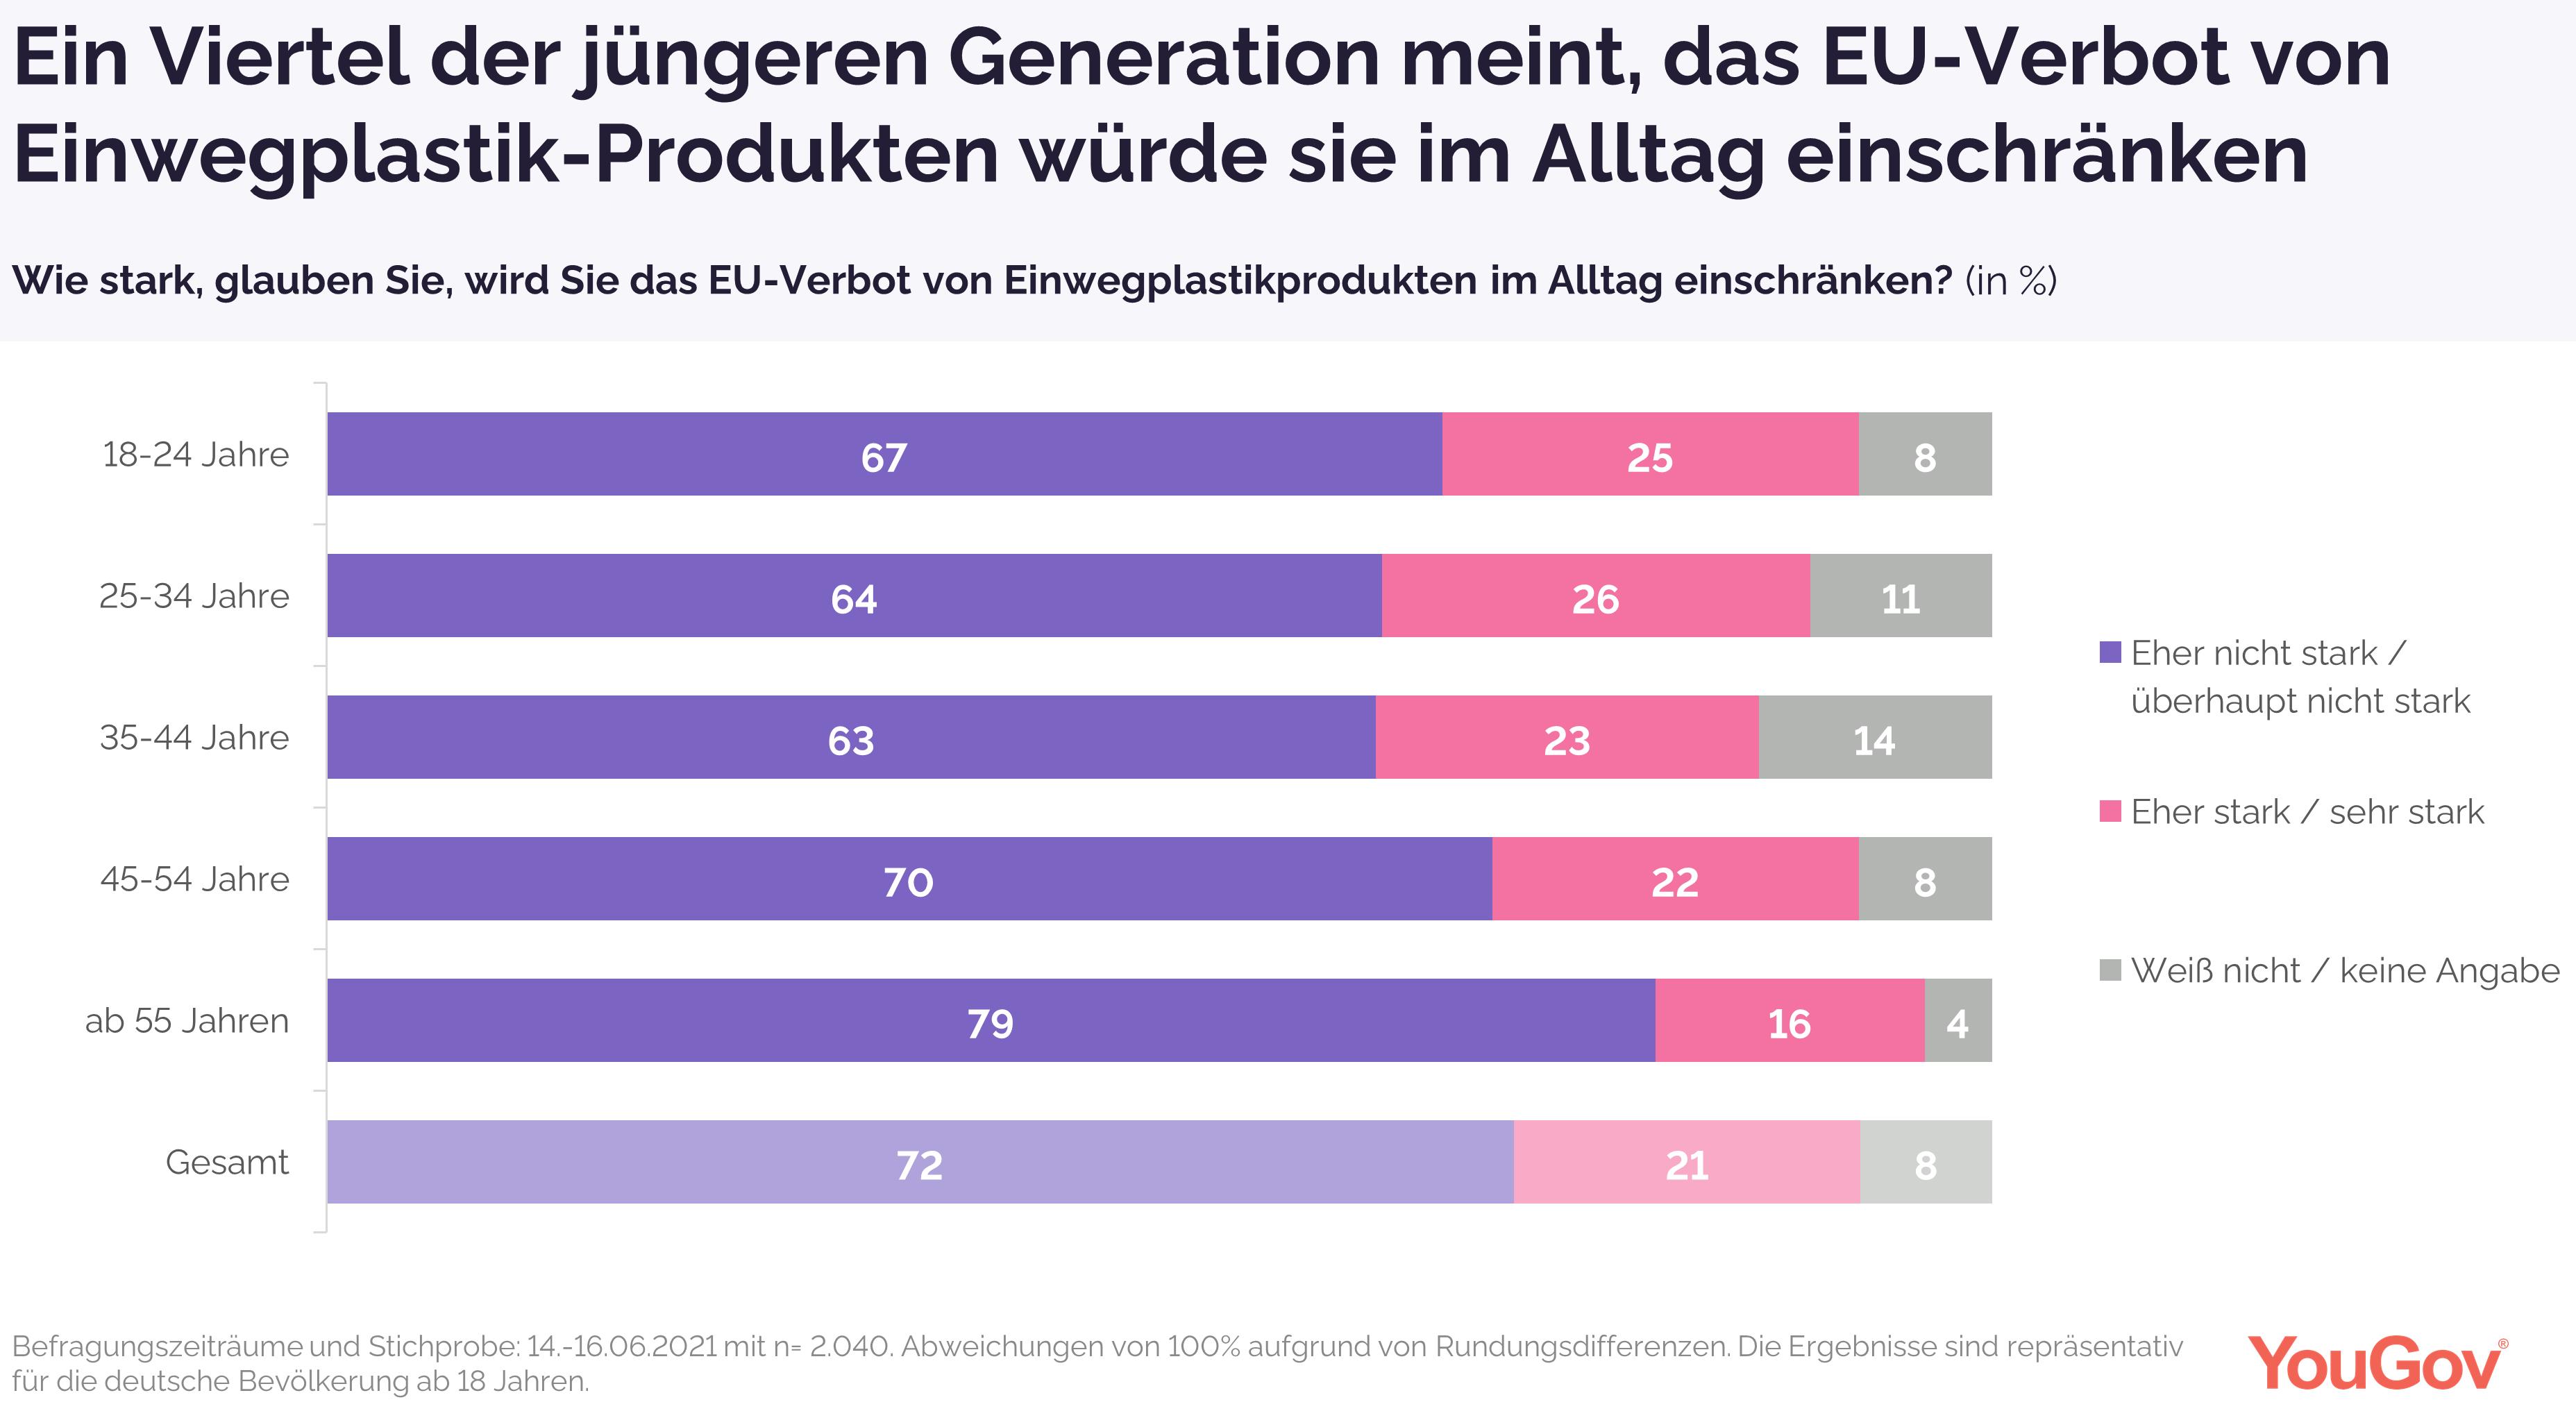 Ein Viertel der jüngeren Generation meint, das EU-Verbot von Einwegplastik-Produkten würde sie im Alltag einschränken